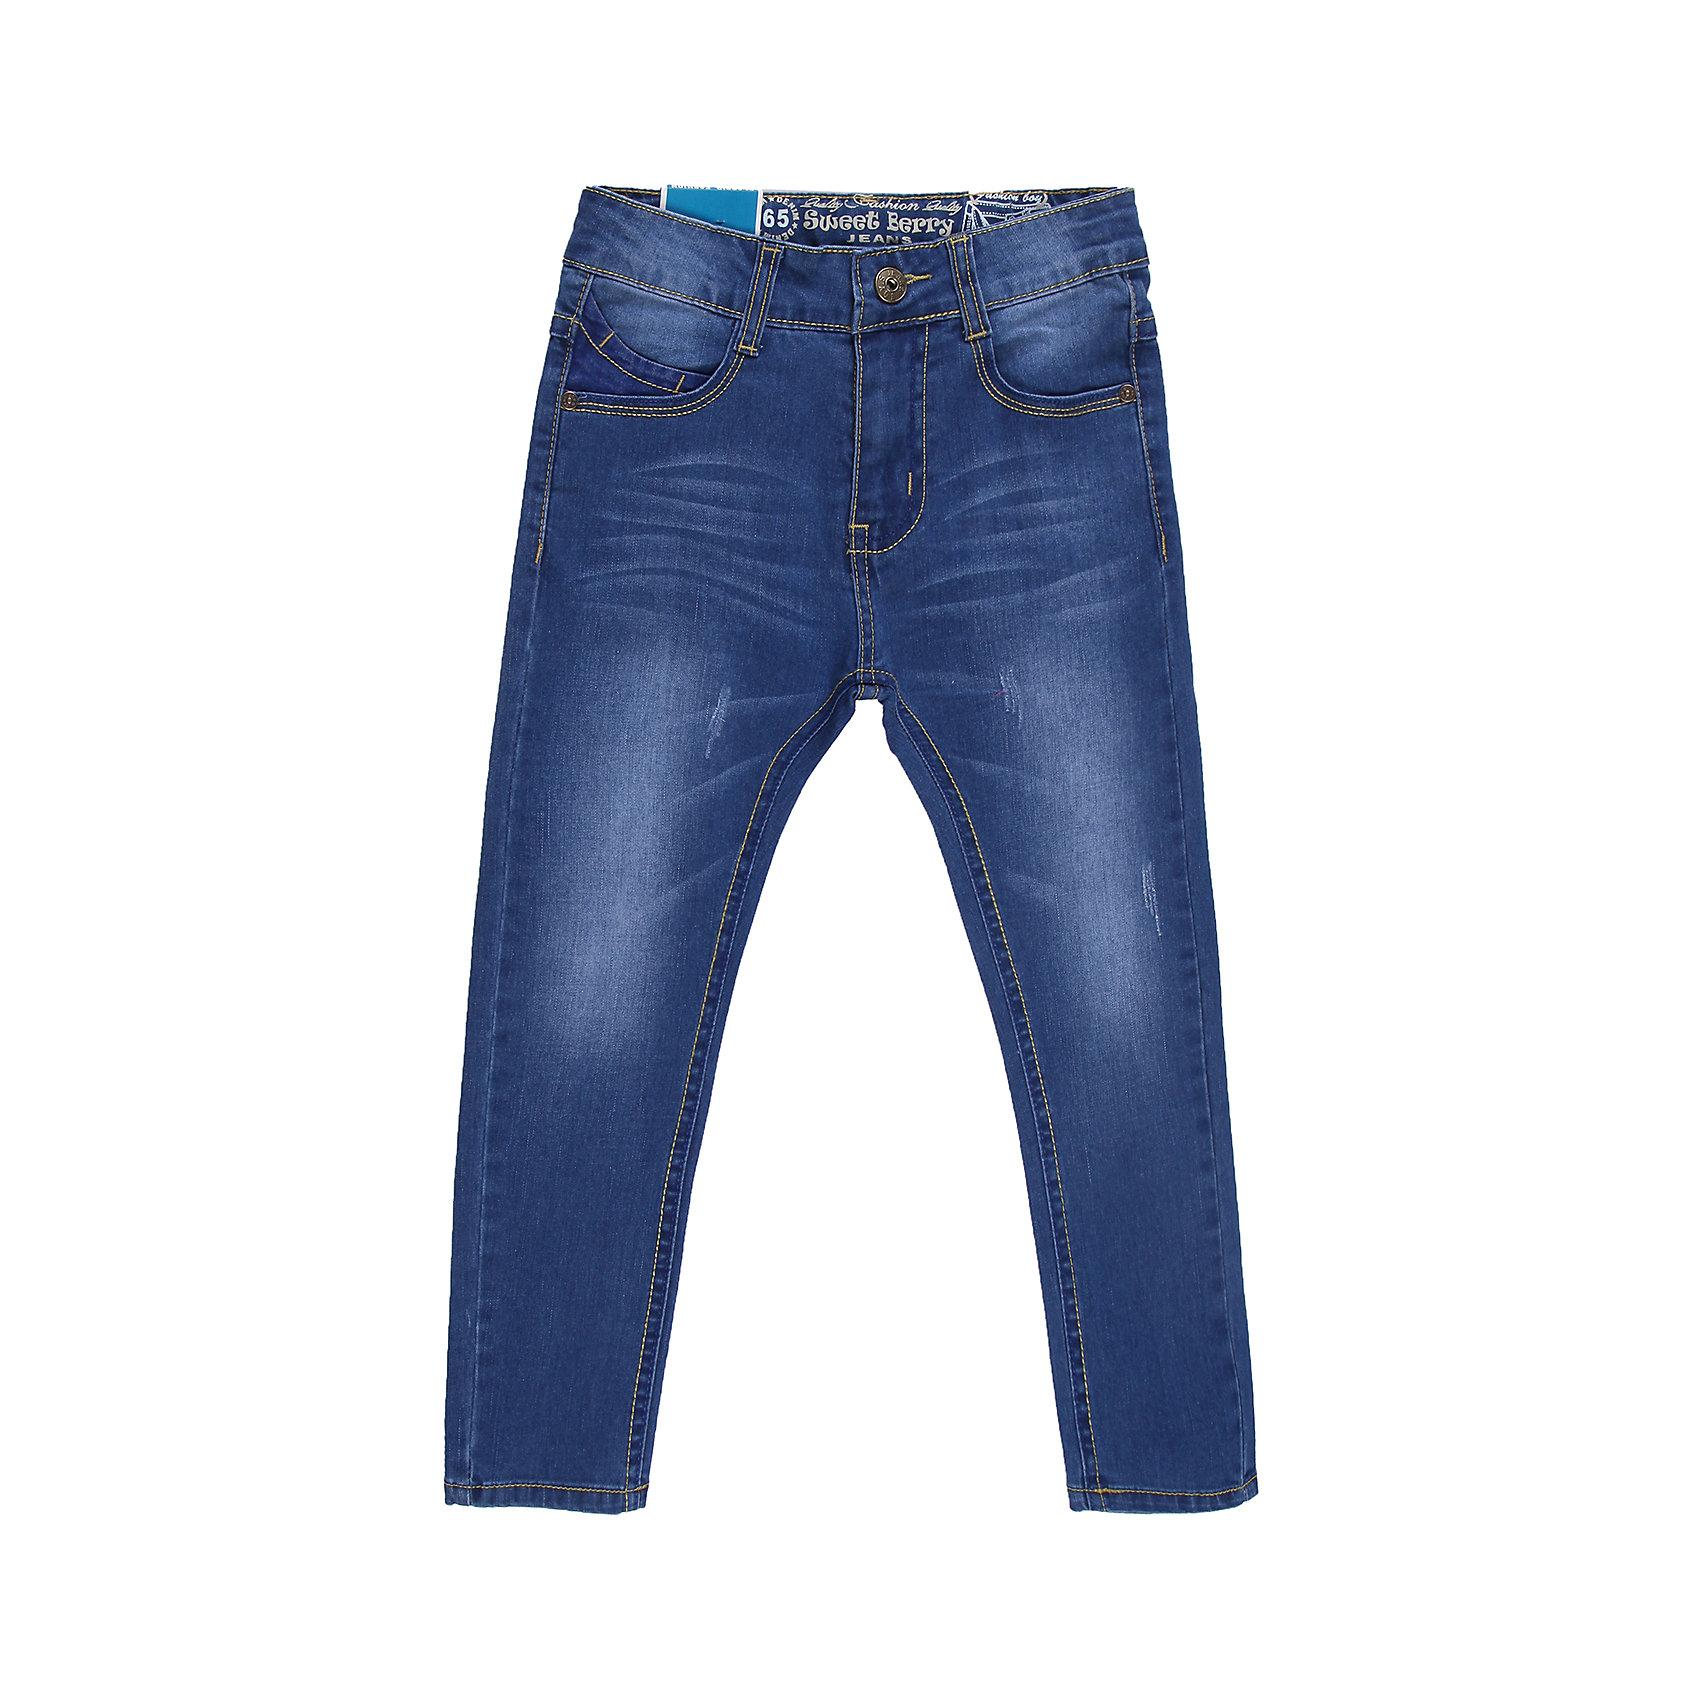 Джинсы для мальчика Sweet BerryУдобные джинсы на каждый день.  Четыре функциональных кармана, пояс регулируется внутренней резинкой.<br>Состав:<br>98% хлопок 2%эластан<br><br>Ширина мм: 215<br>Глубина мм: 88<br>Высота мм: 191<br>Вес г: 336<br>Цвет: синий<br>Возраст от месяцев: 36<br>Возраст до месяцев: 48<br>Пол: Мужской<br>Возраст: Детский<br>Размер: 104,98,128,116,110,122<br>SKU: 4522782